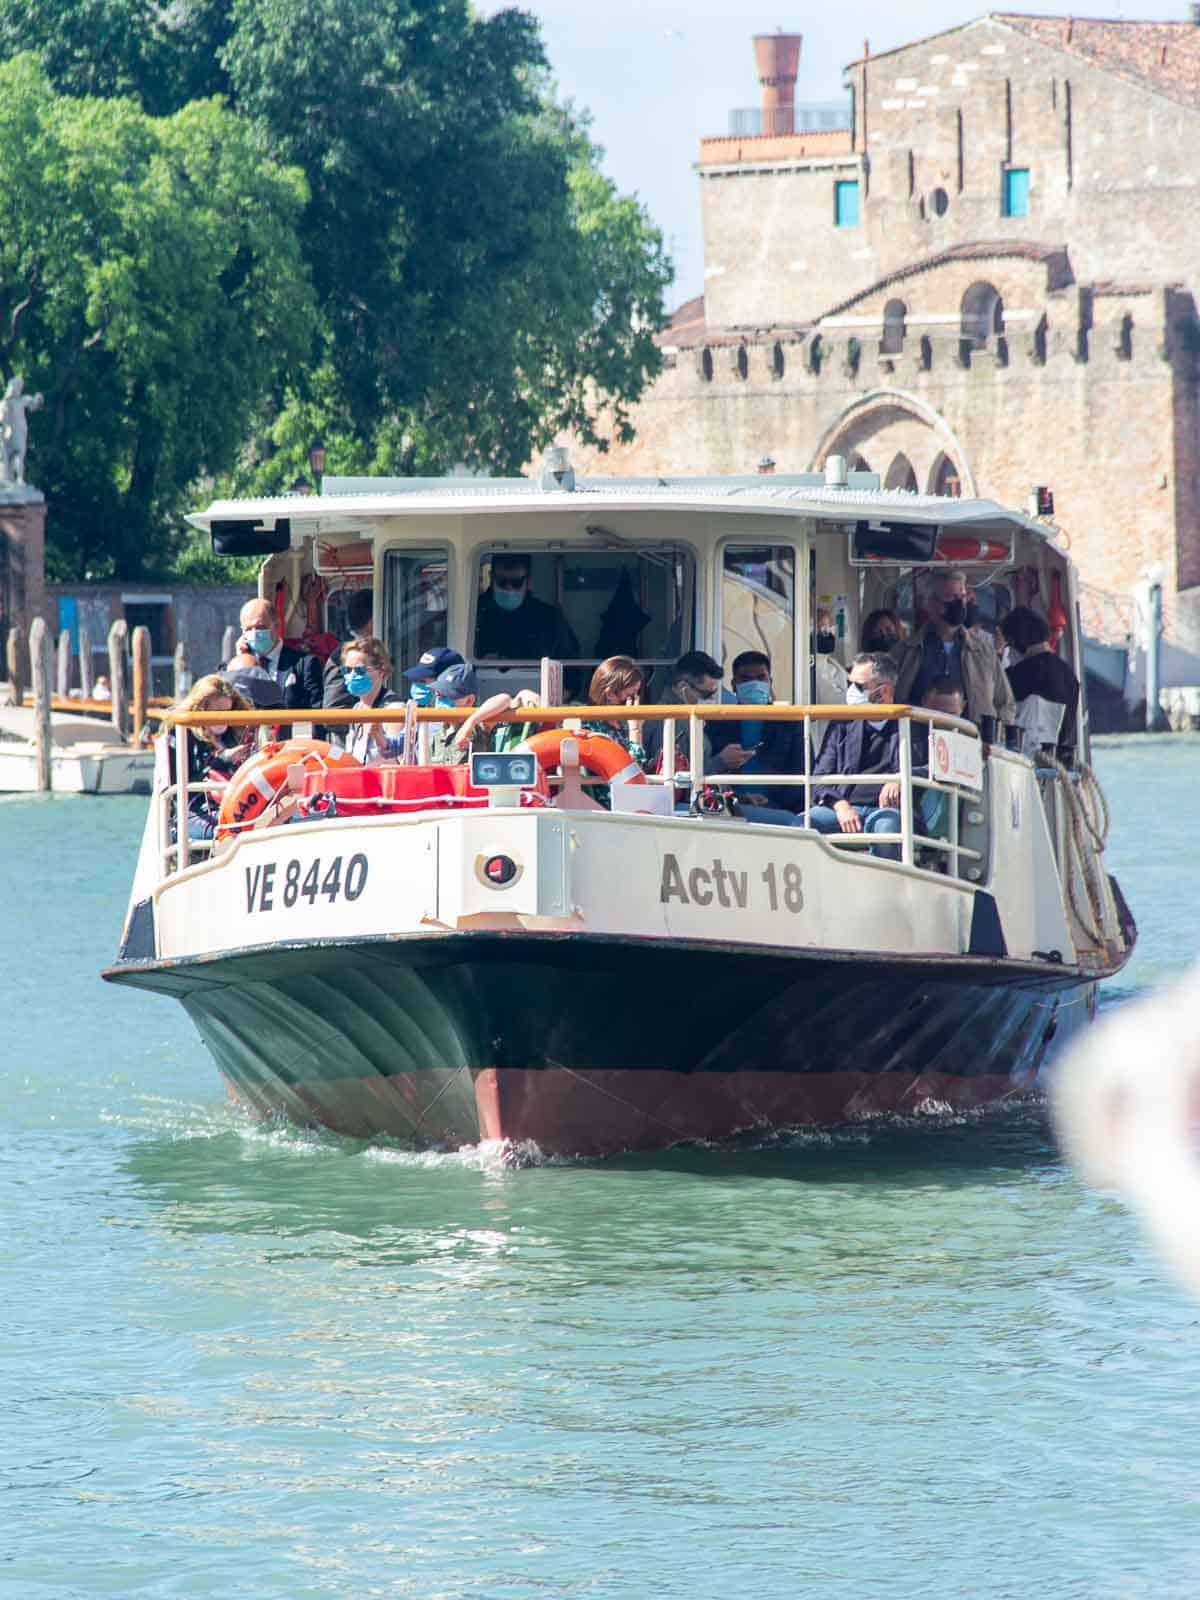 Vaporetto Venice